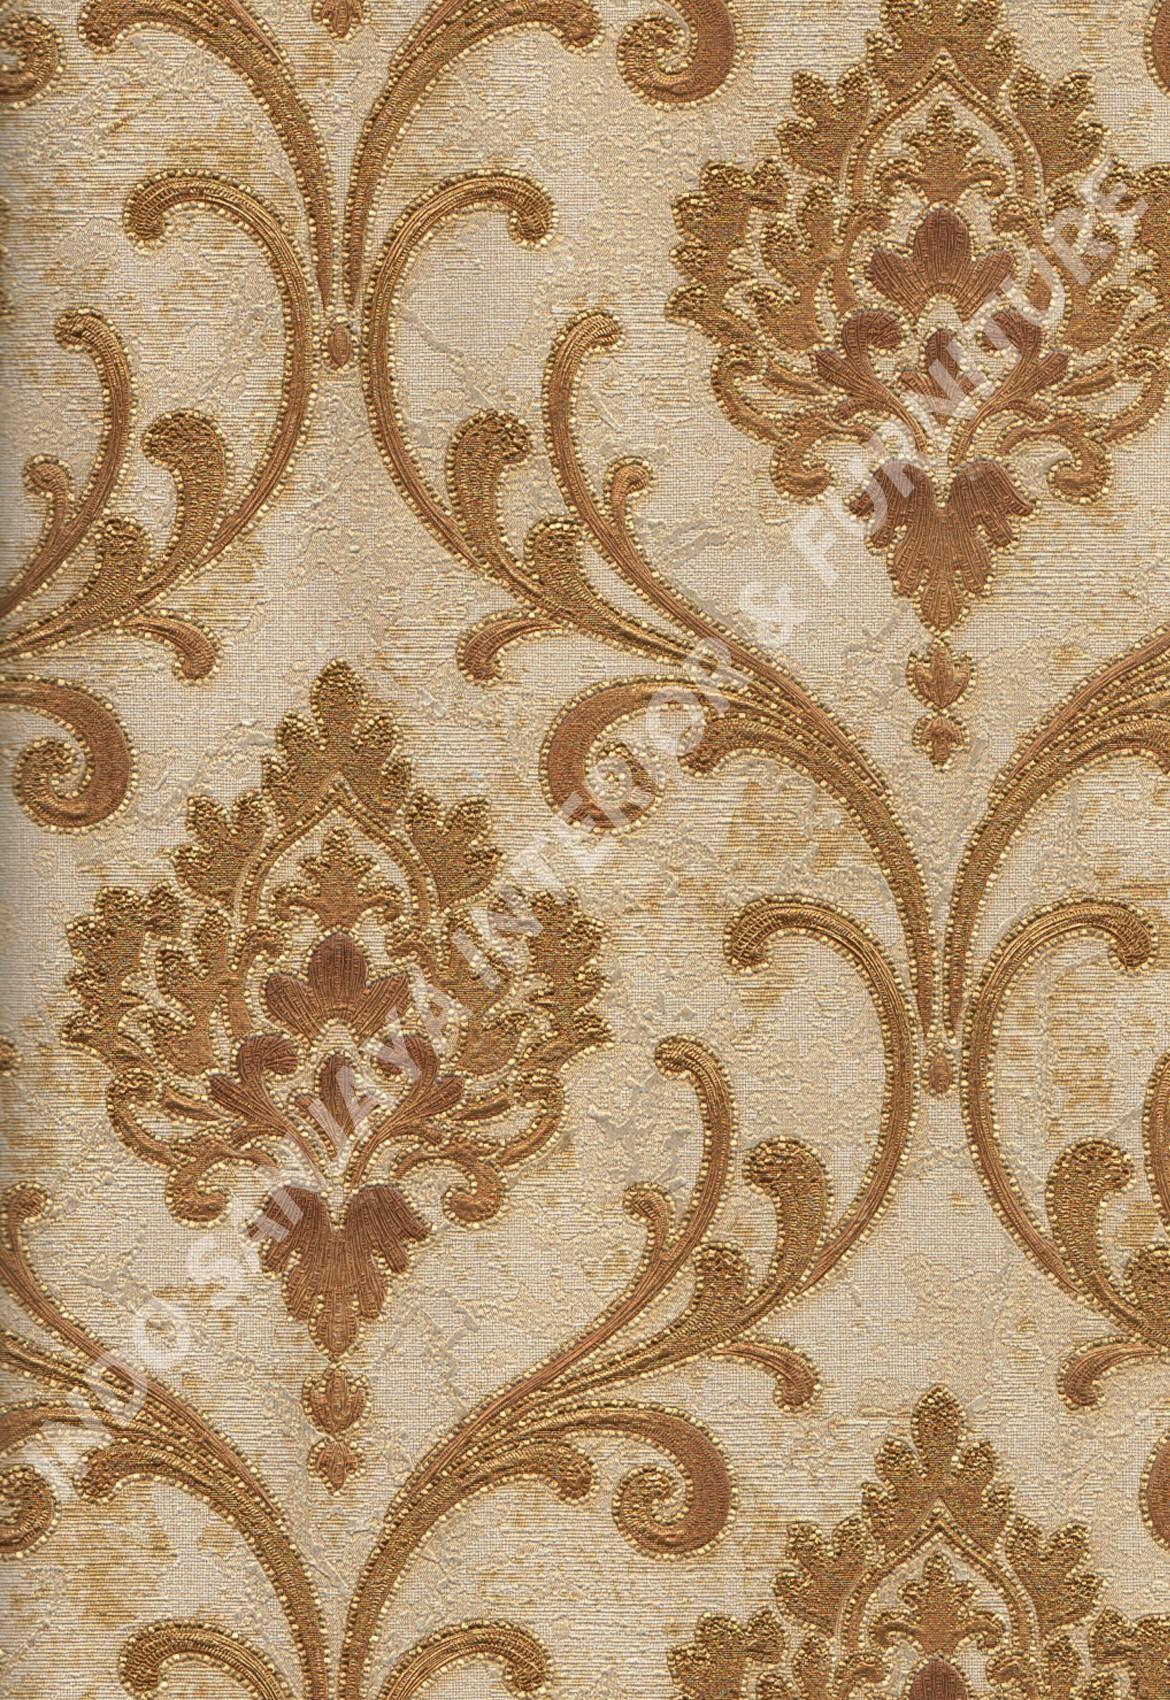 wallpaper   Wallpaper Klasik Batik (Damask) 81127-6:81127-6 corak  warna